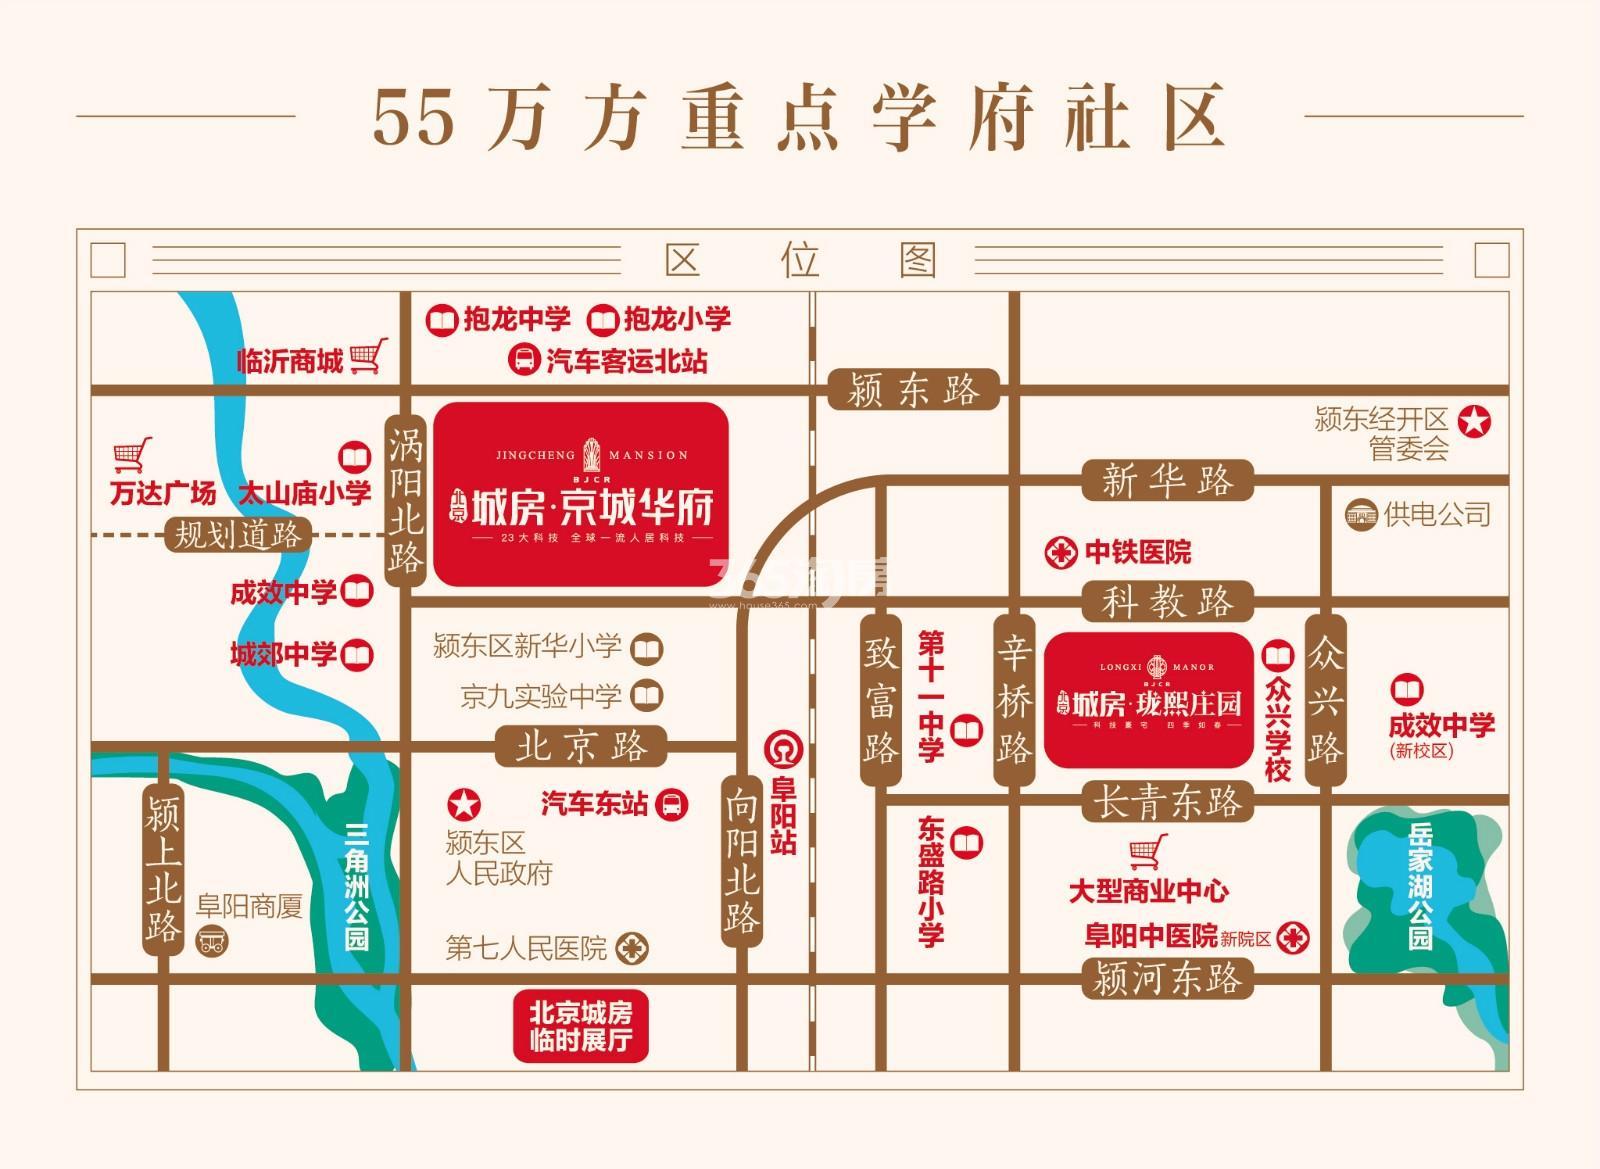 北京城房·珑熙庄园交通图